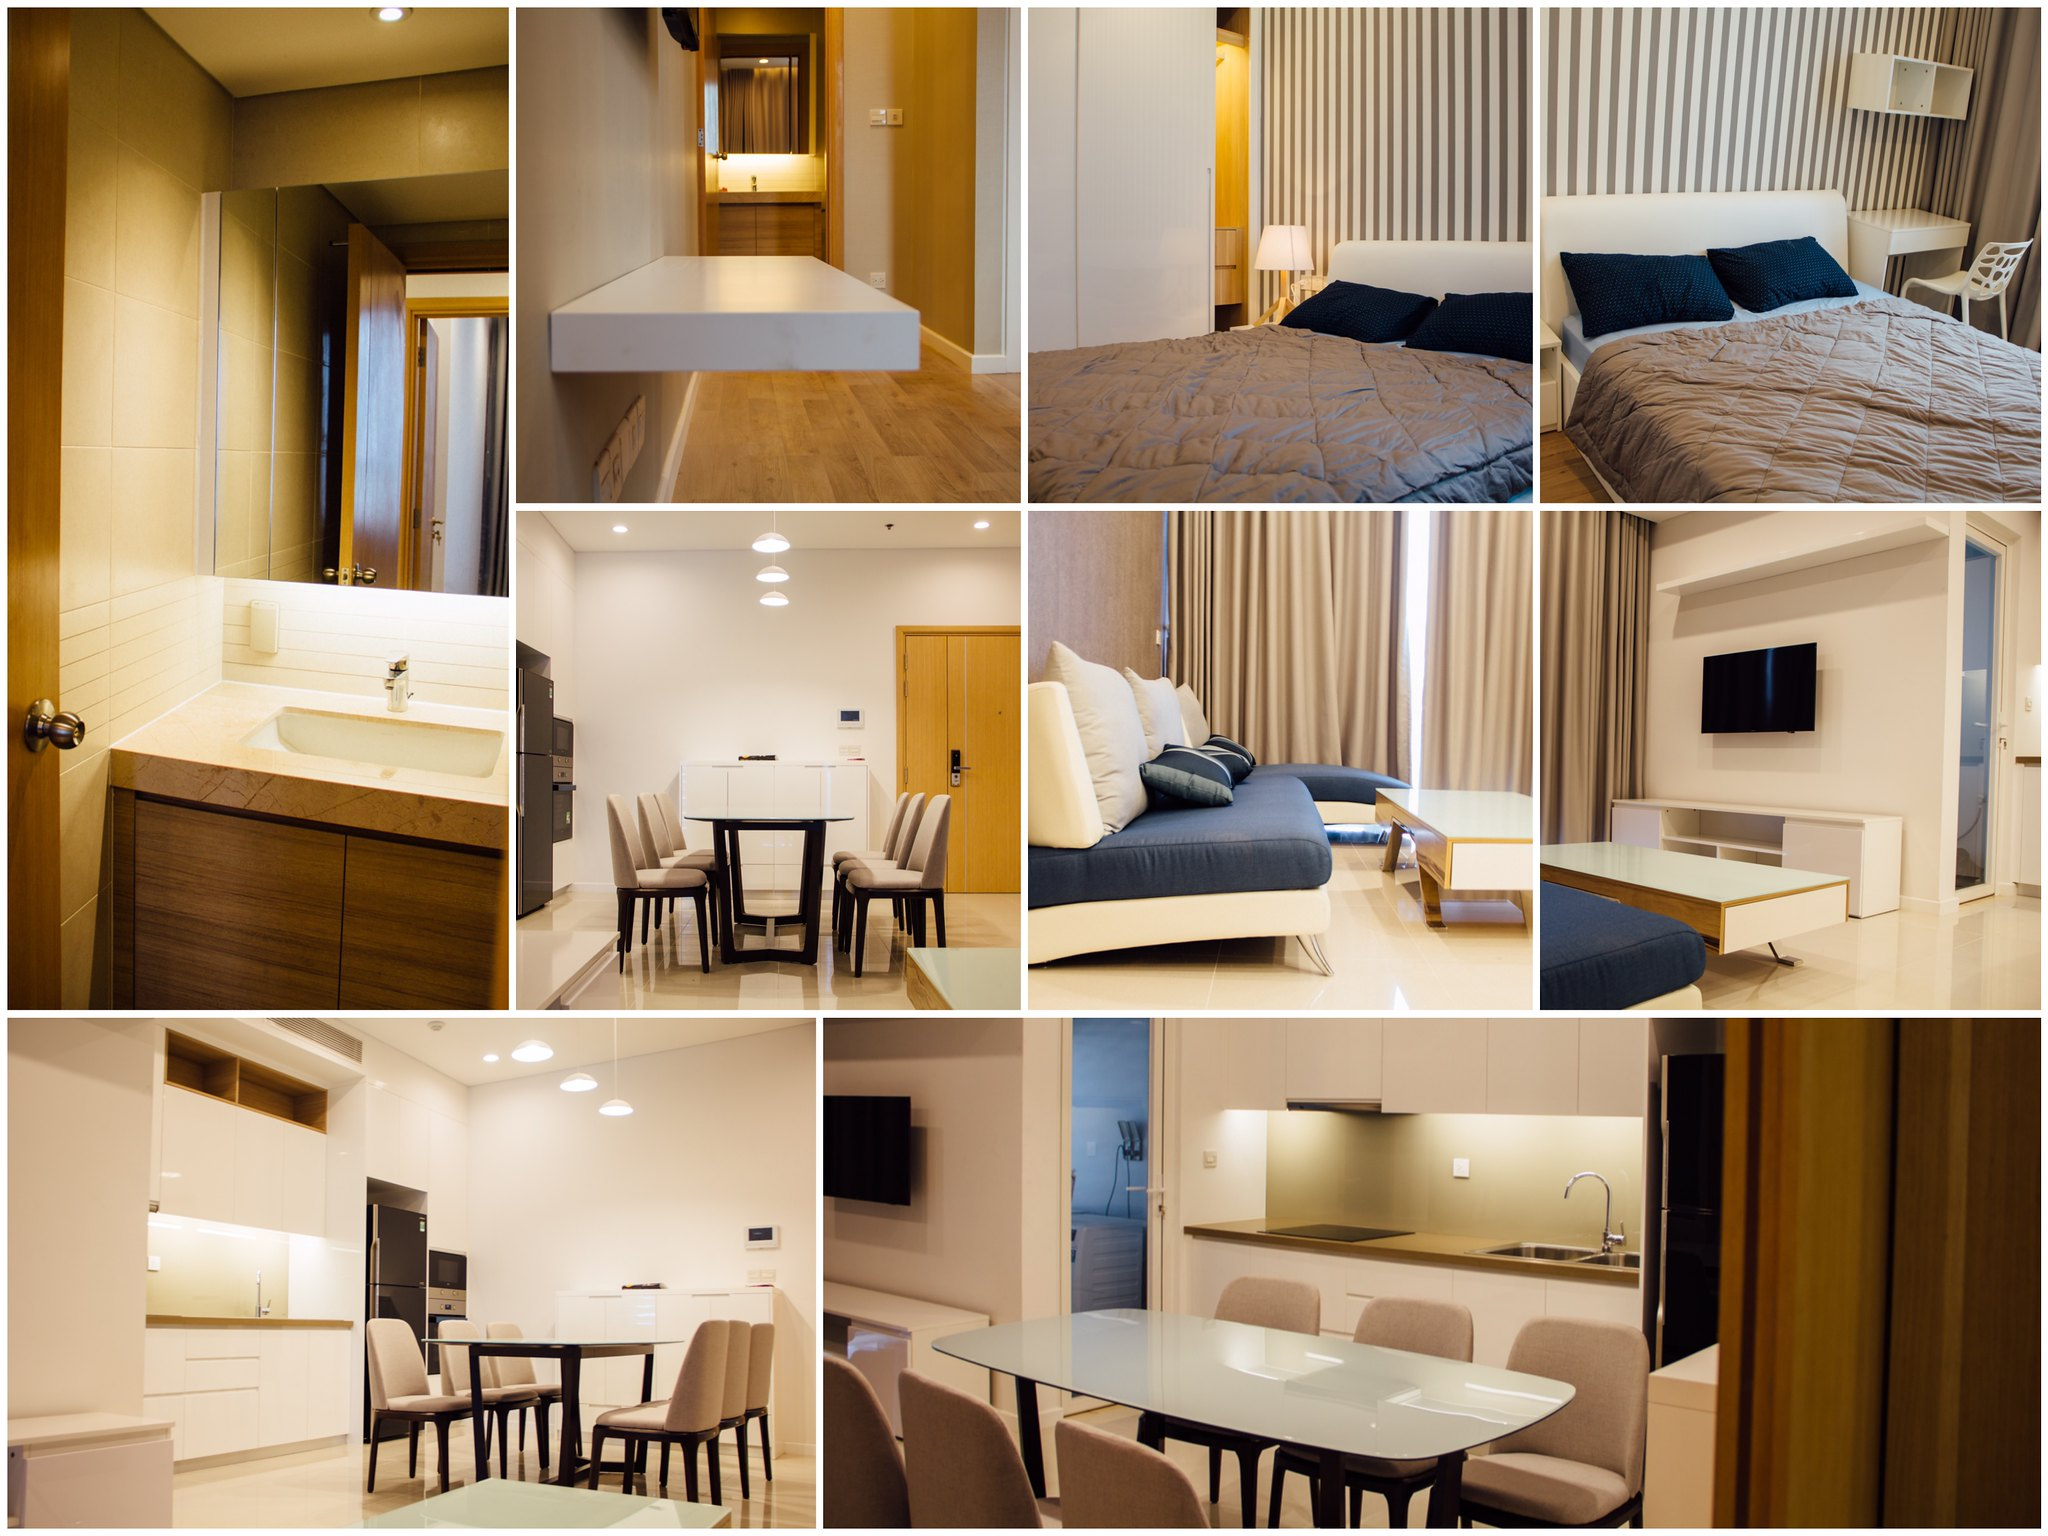 Hình ảnh thực tế căn hộ Sarimi cho thuê